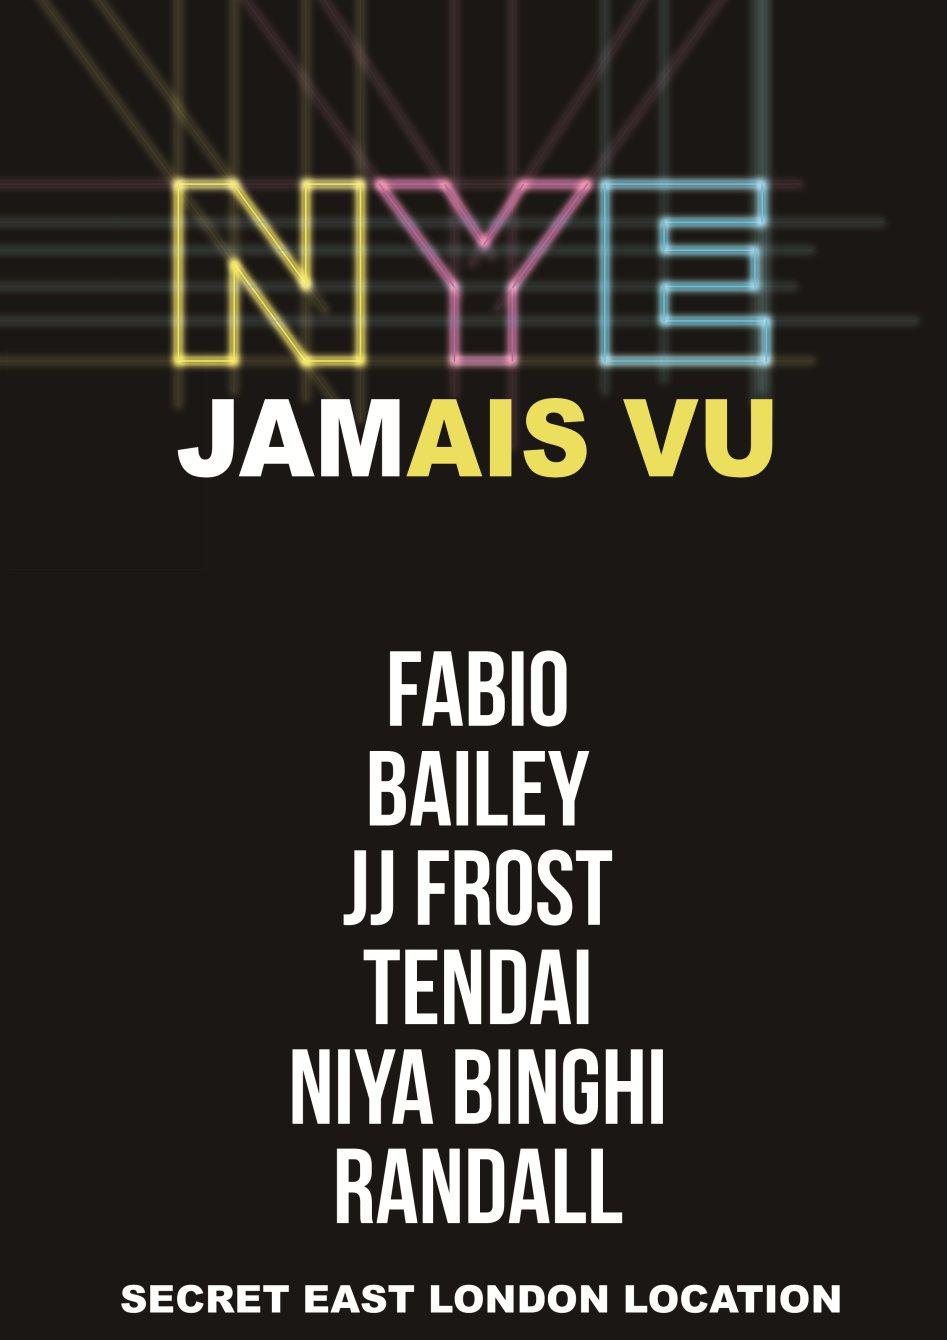 Jamais Vu New Years Eve at Basement, E1 2LH - Flyer front